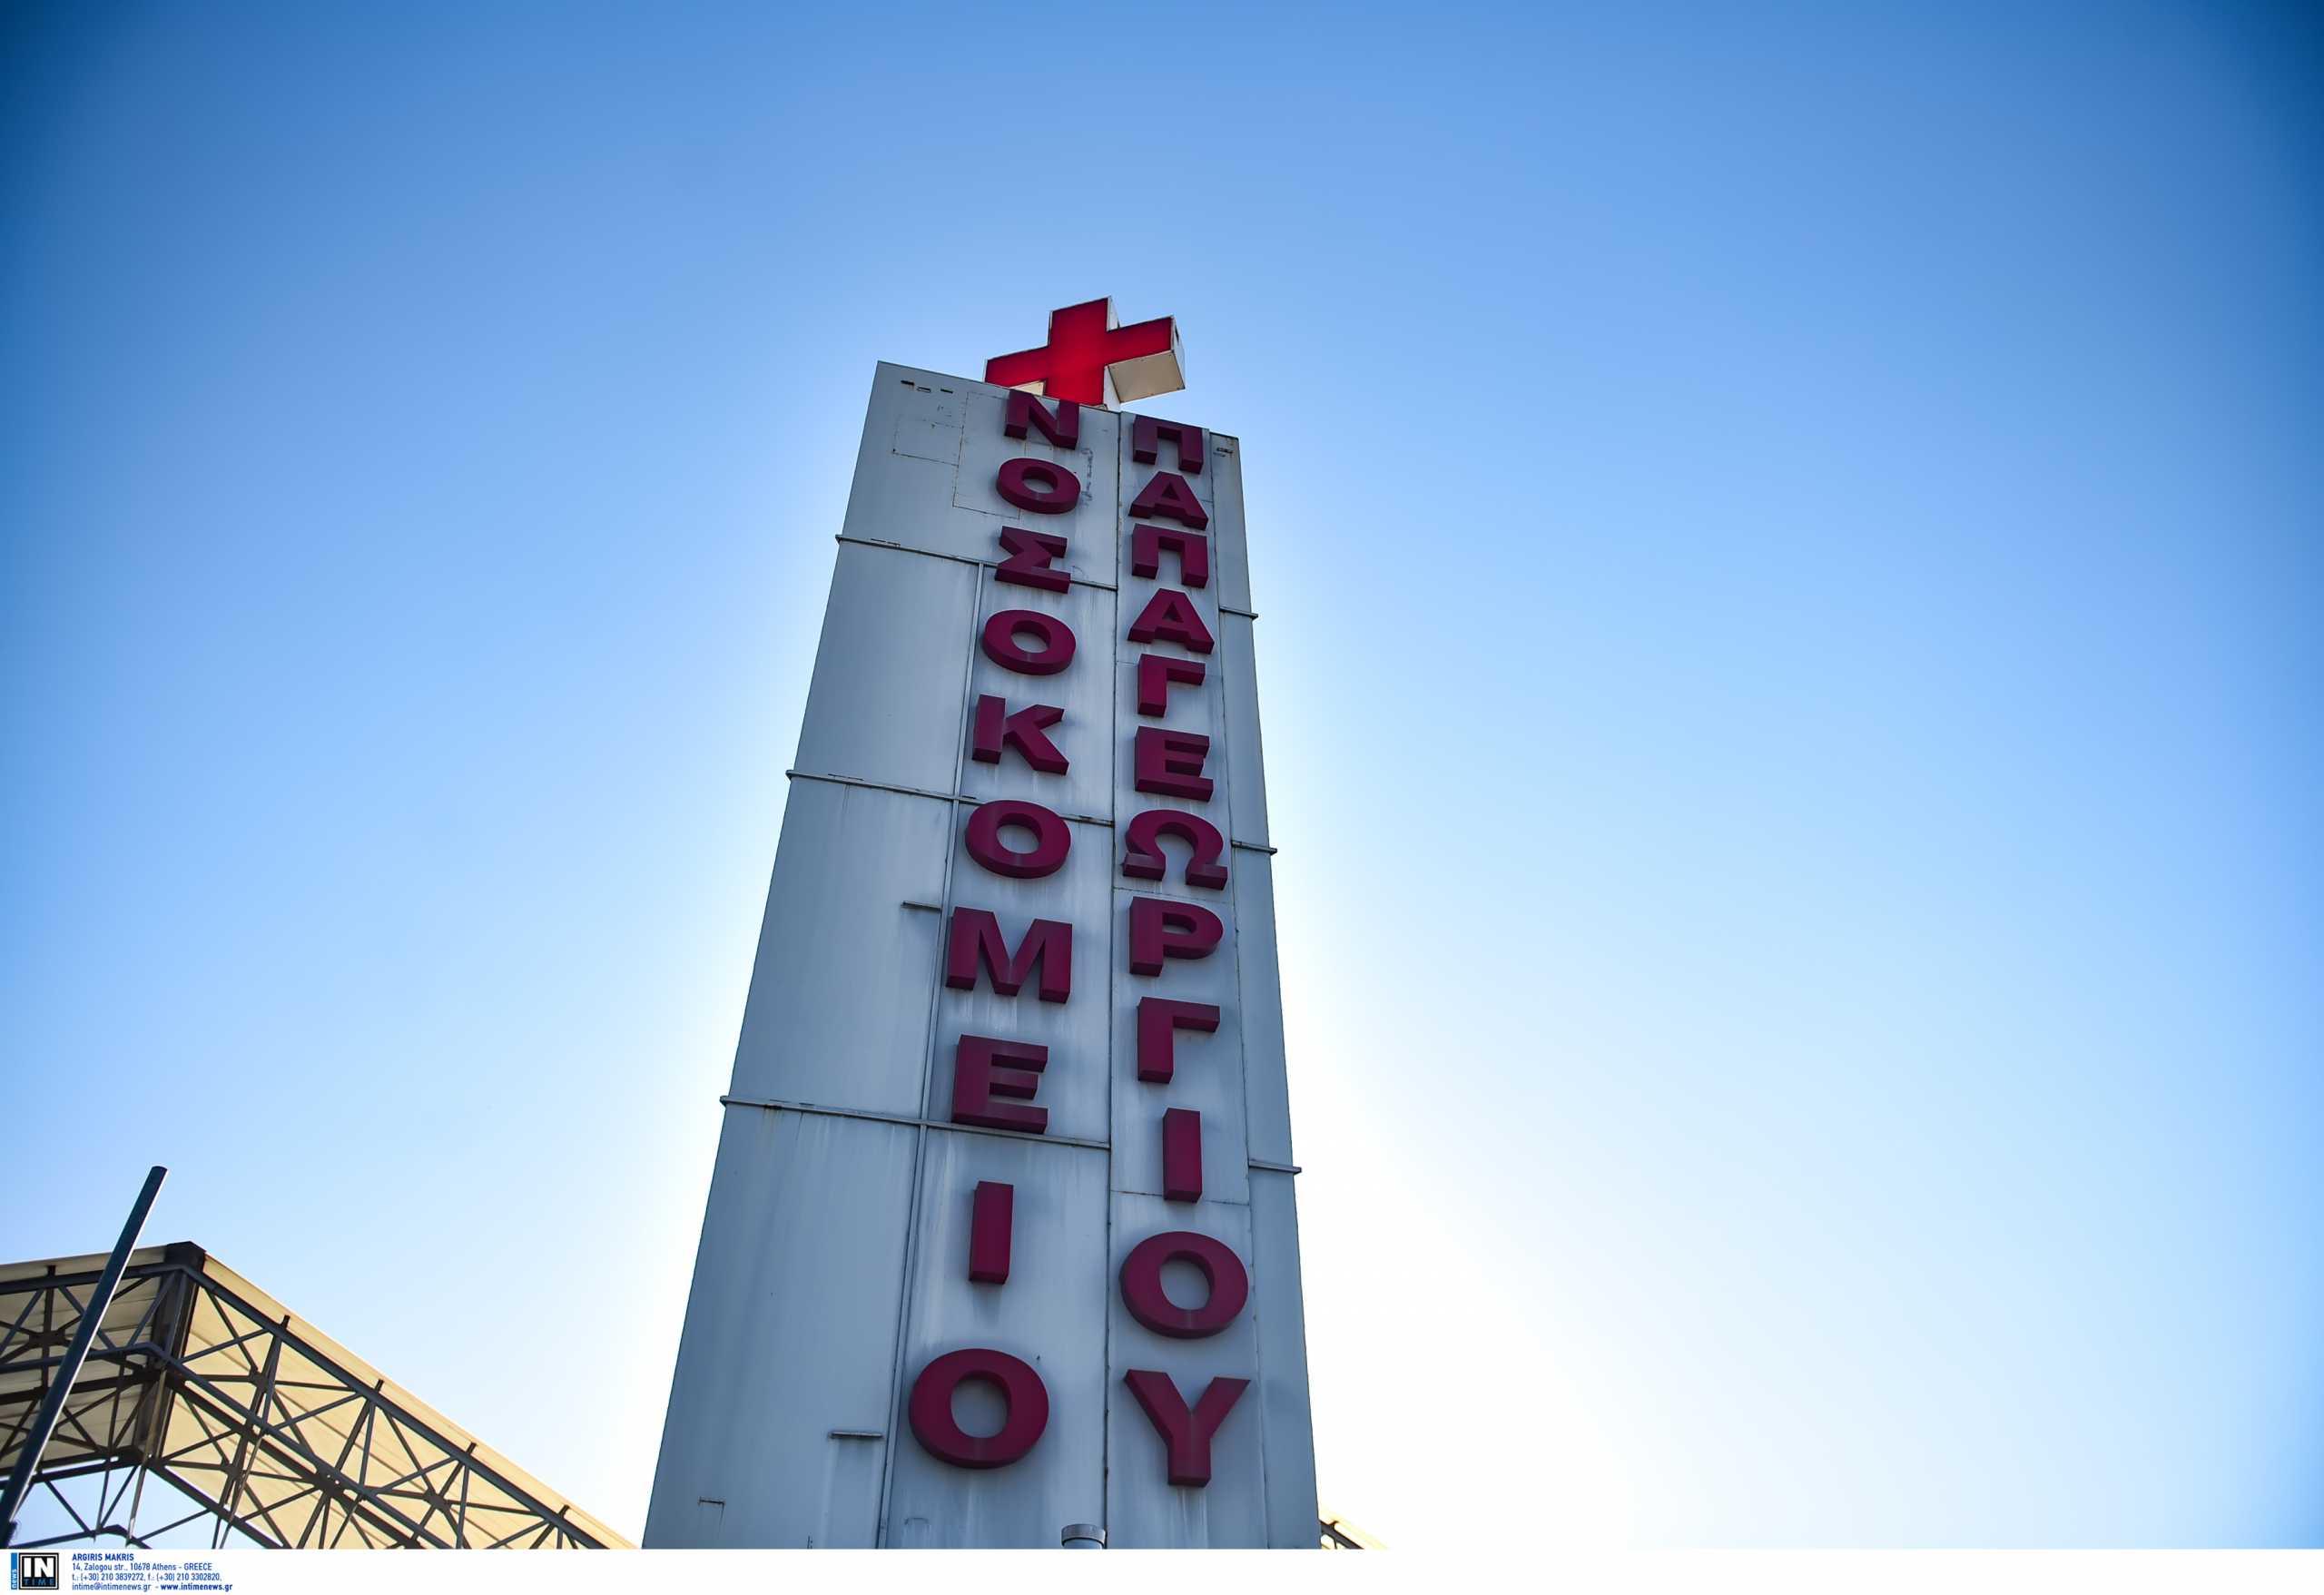 Κορονοϊός – Θεσσαλονίκη: Σταθεροποιήθηκαν οι εισαγωγές και μειώθηκε ο χρόνος νοσηλείας στο «Παπαγεωργίου»